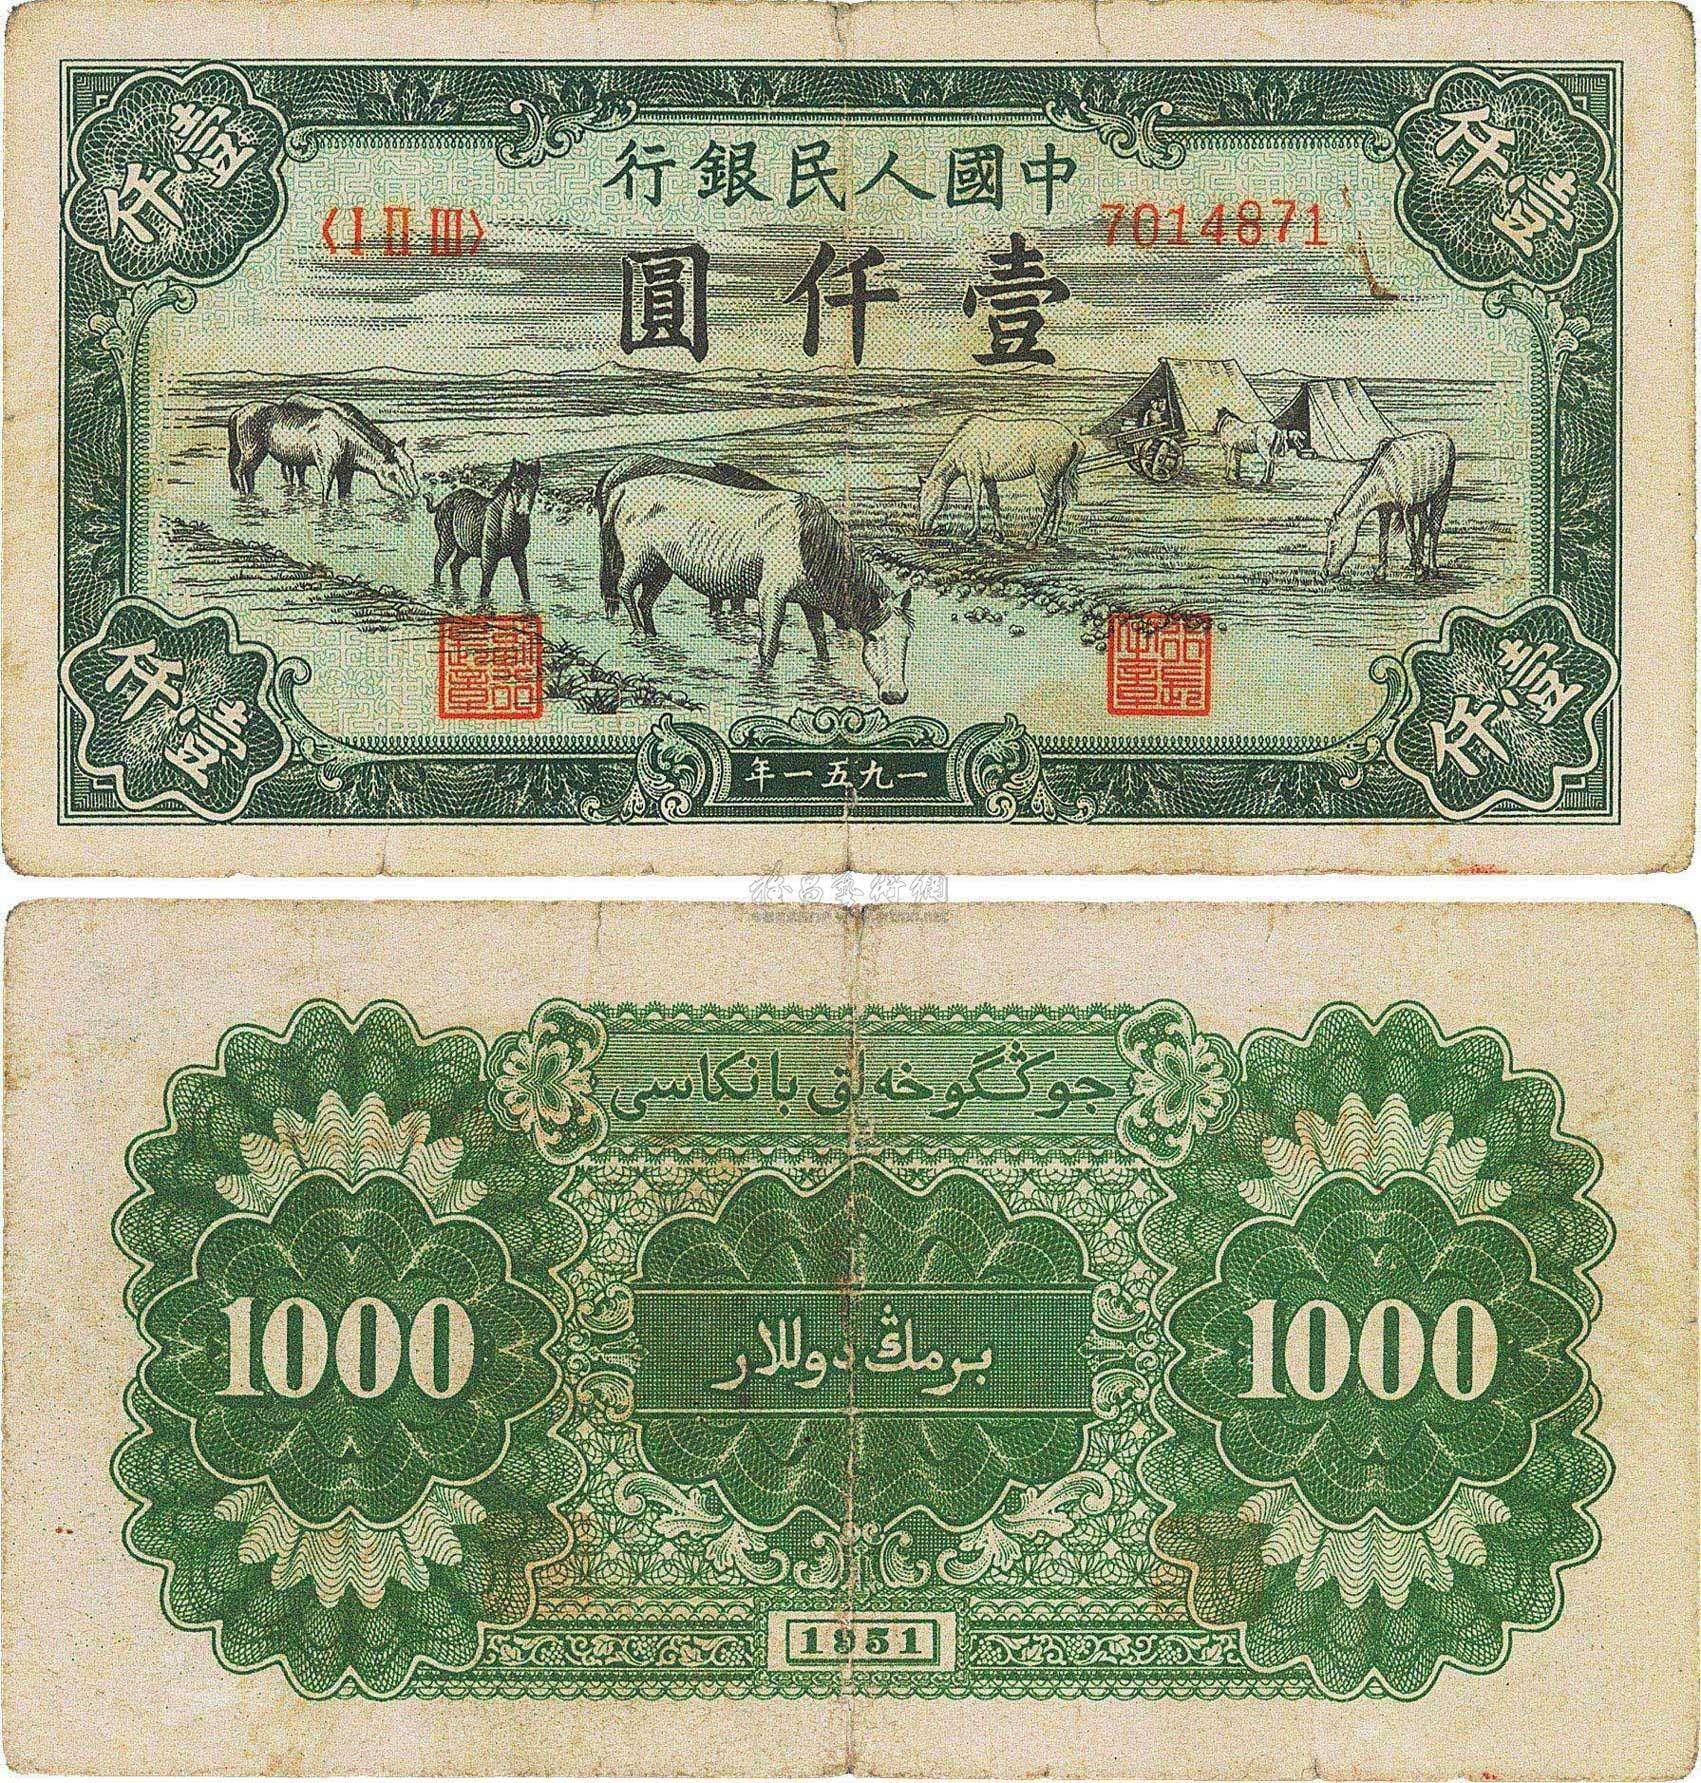 一版纸币票样的价格值多少钱?一版纸币票样价值